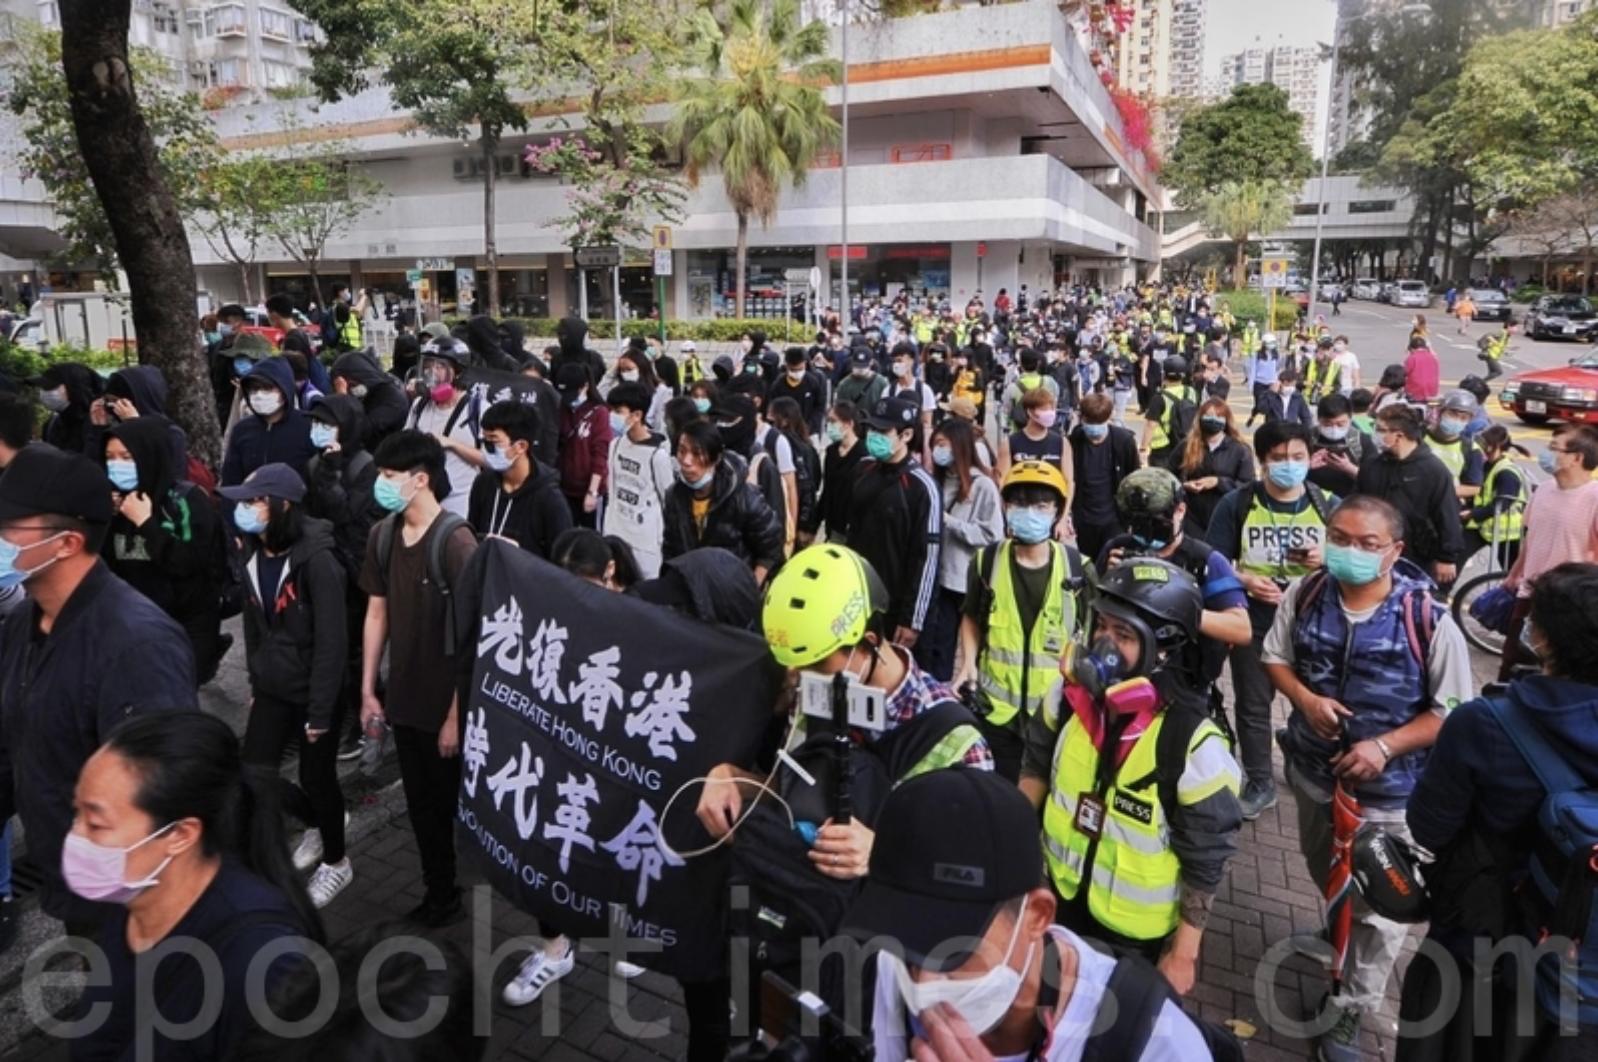 2020年3月8日,香港一批市民在大埔集會和遊行,反對政府將區內的賽馬會普通科門診診所列為指定診所。遊行開始。(宋碧龍/大紀元)